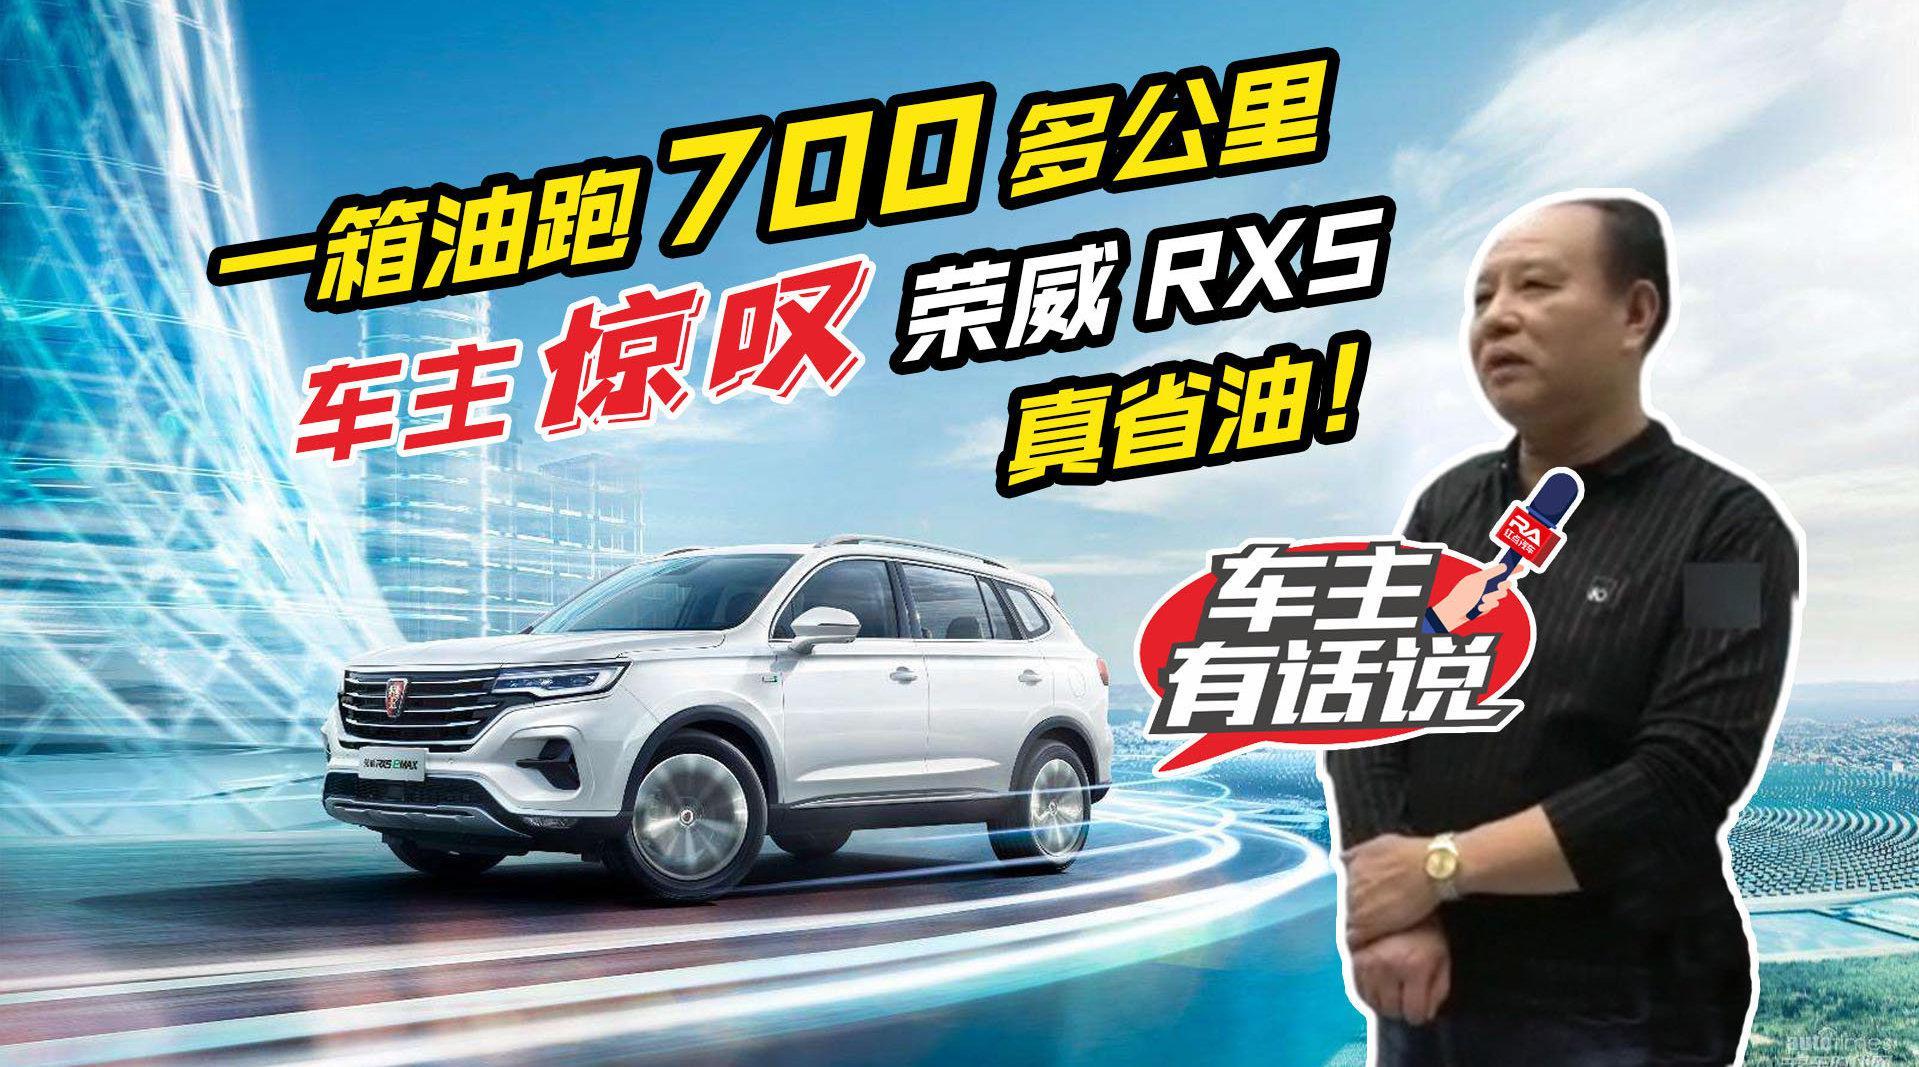 车主有话说:一箱油跑700多公里,车主惊叹荣威RX5真省油